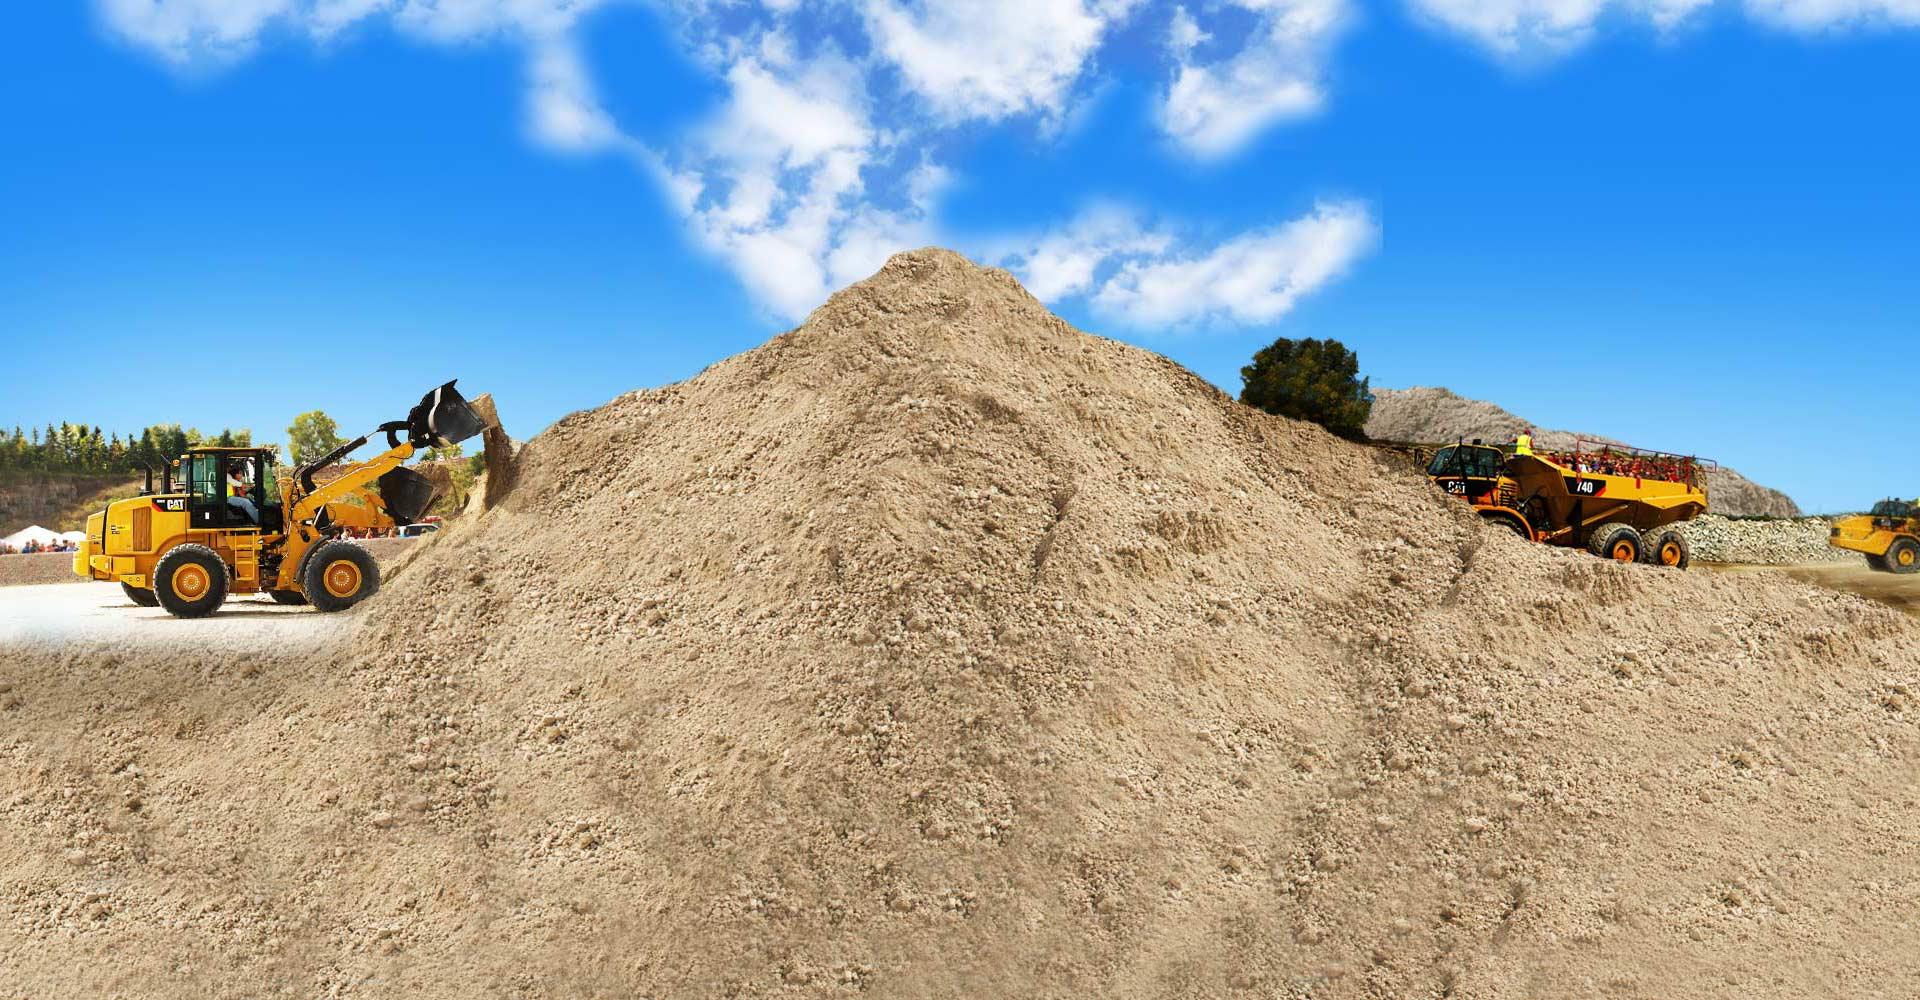 технический песок